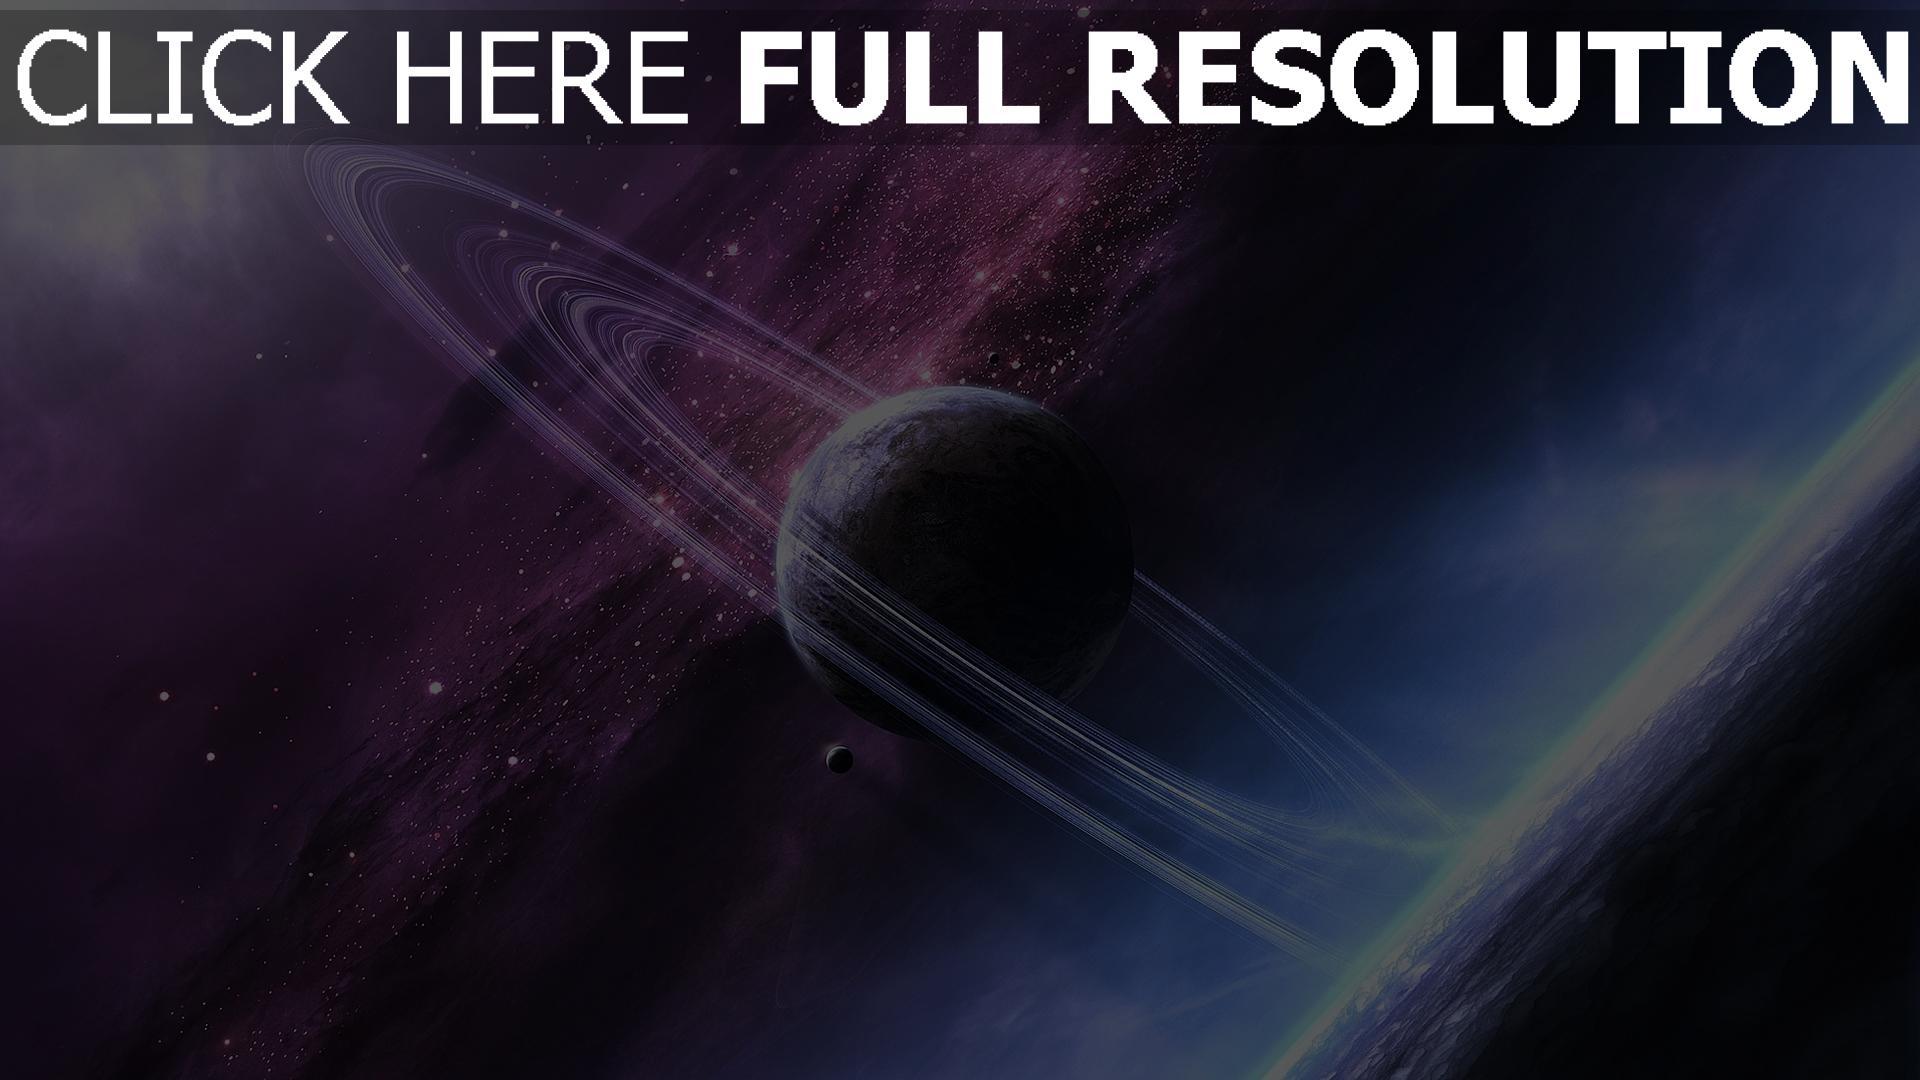 fond d'écran 1920x1080 planète avec des anneaux pourpre éclatant